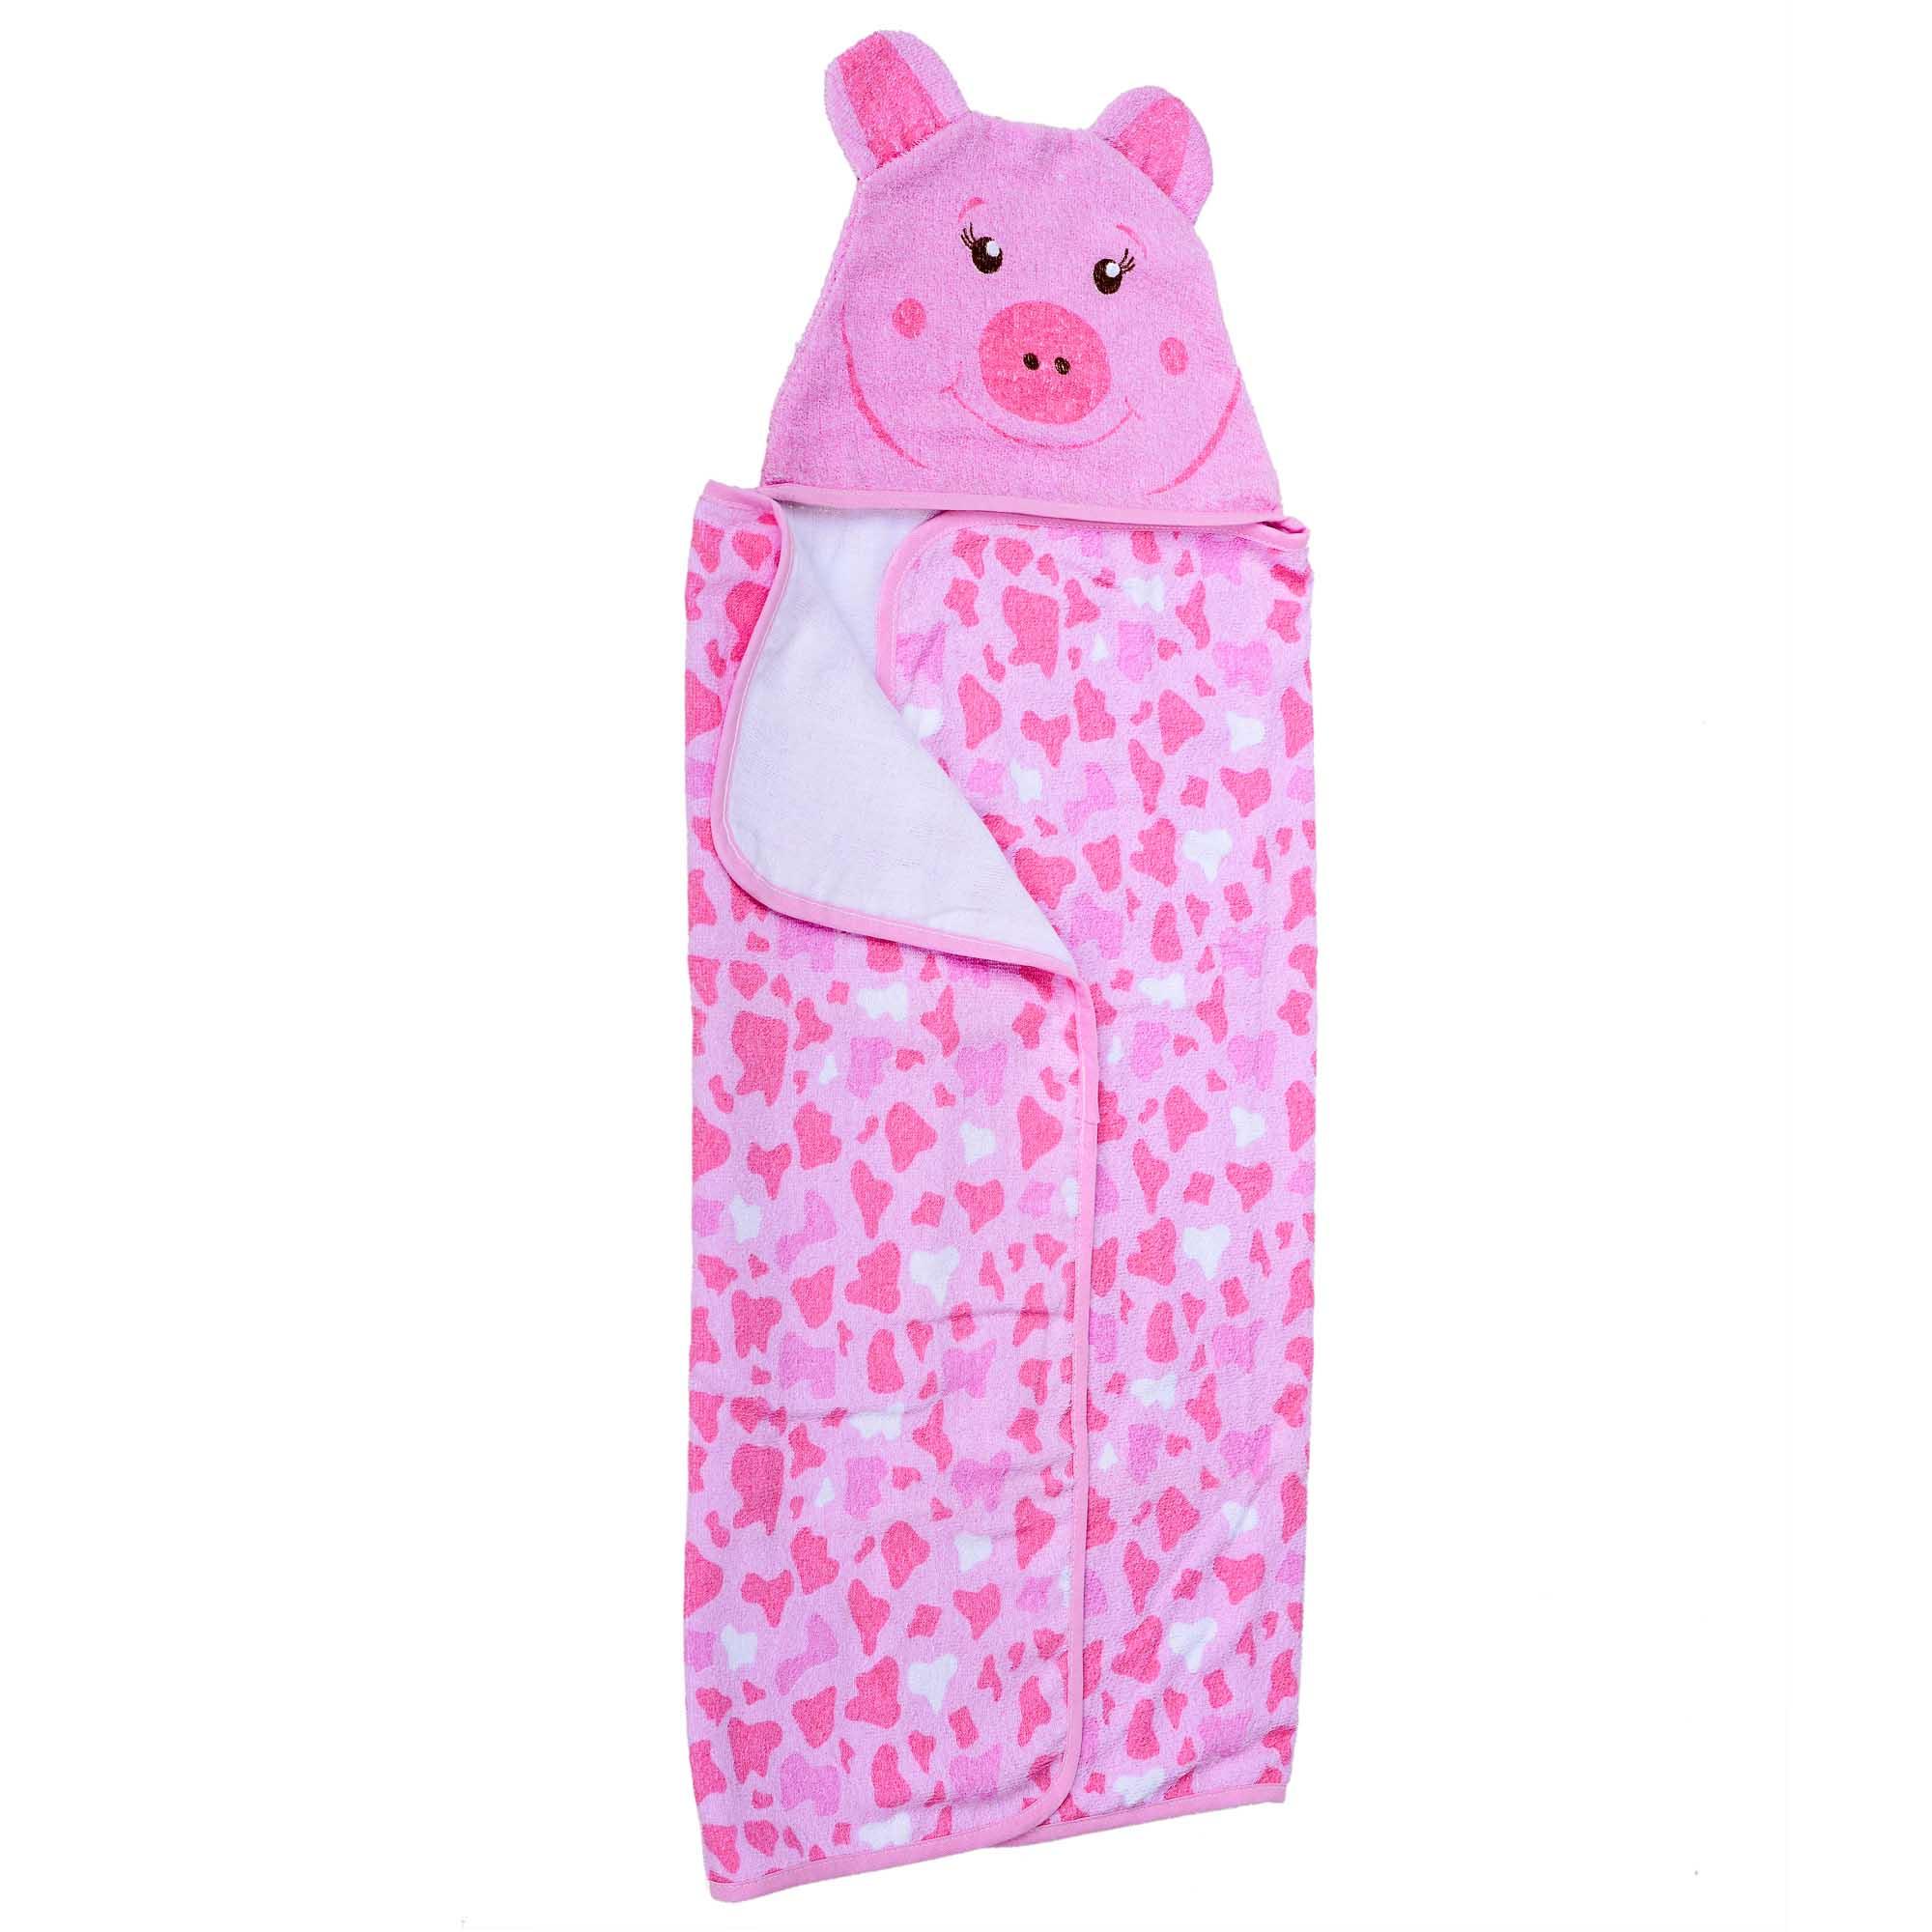 Toalha de Felpa Estampada - Minasrey - Carinhas - Porco - Rosa